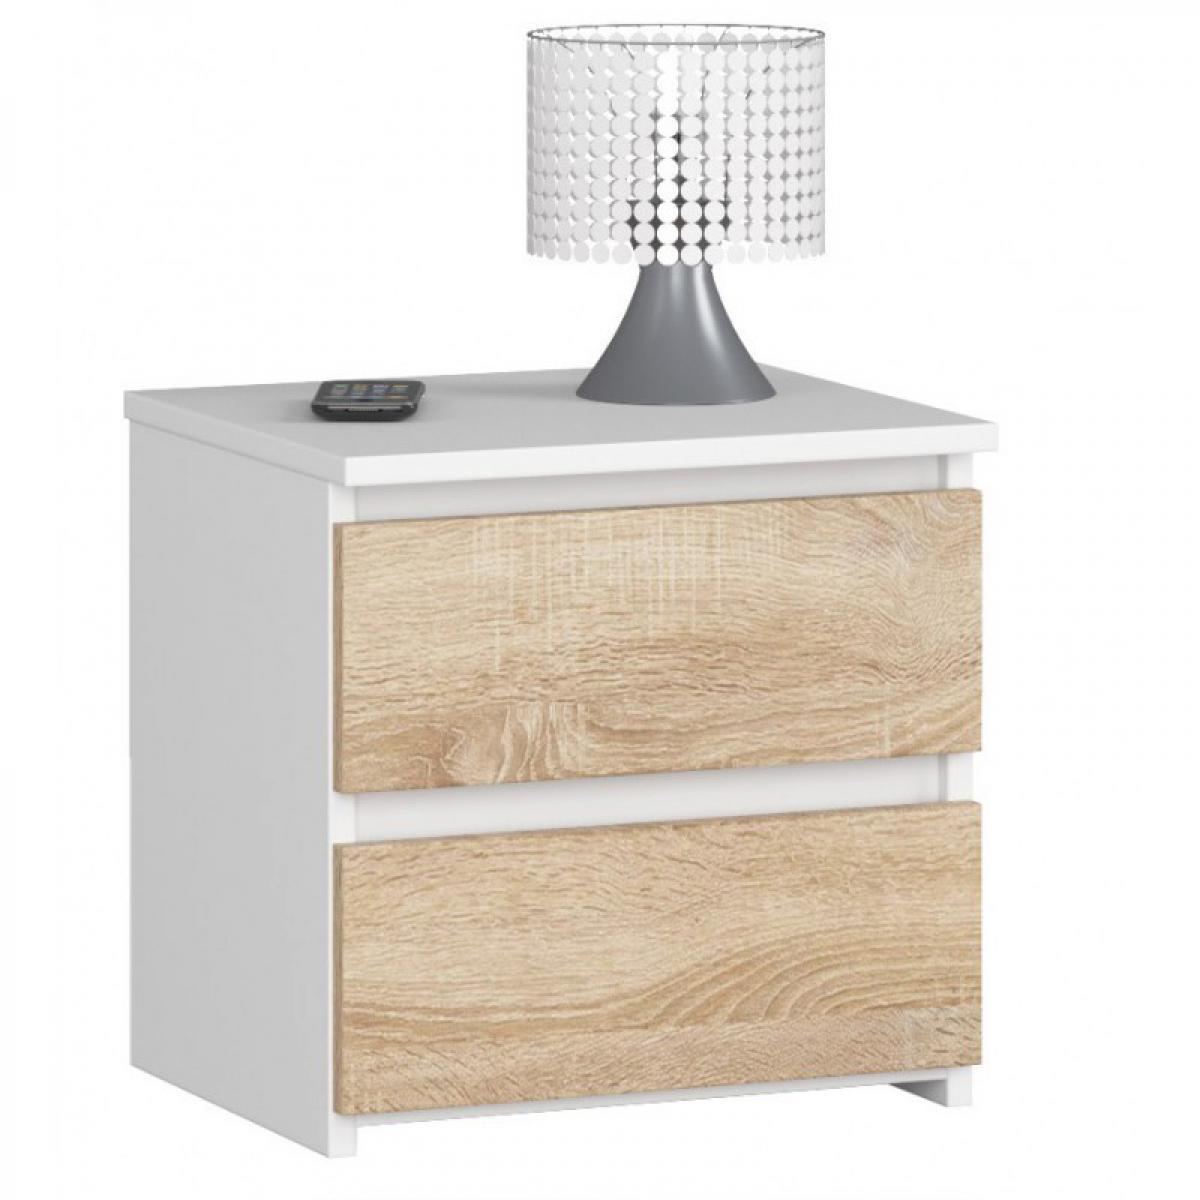 Hucoco SHALA   Table de chevet contemporaine chambre 40x40x35 cm   2 tiroirs   Chevet Chiffonier   Design moderne - Blanc